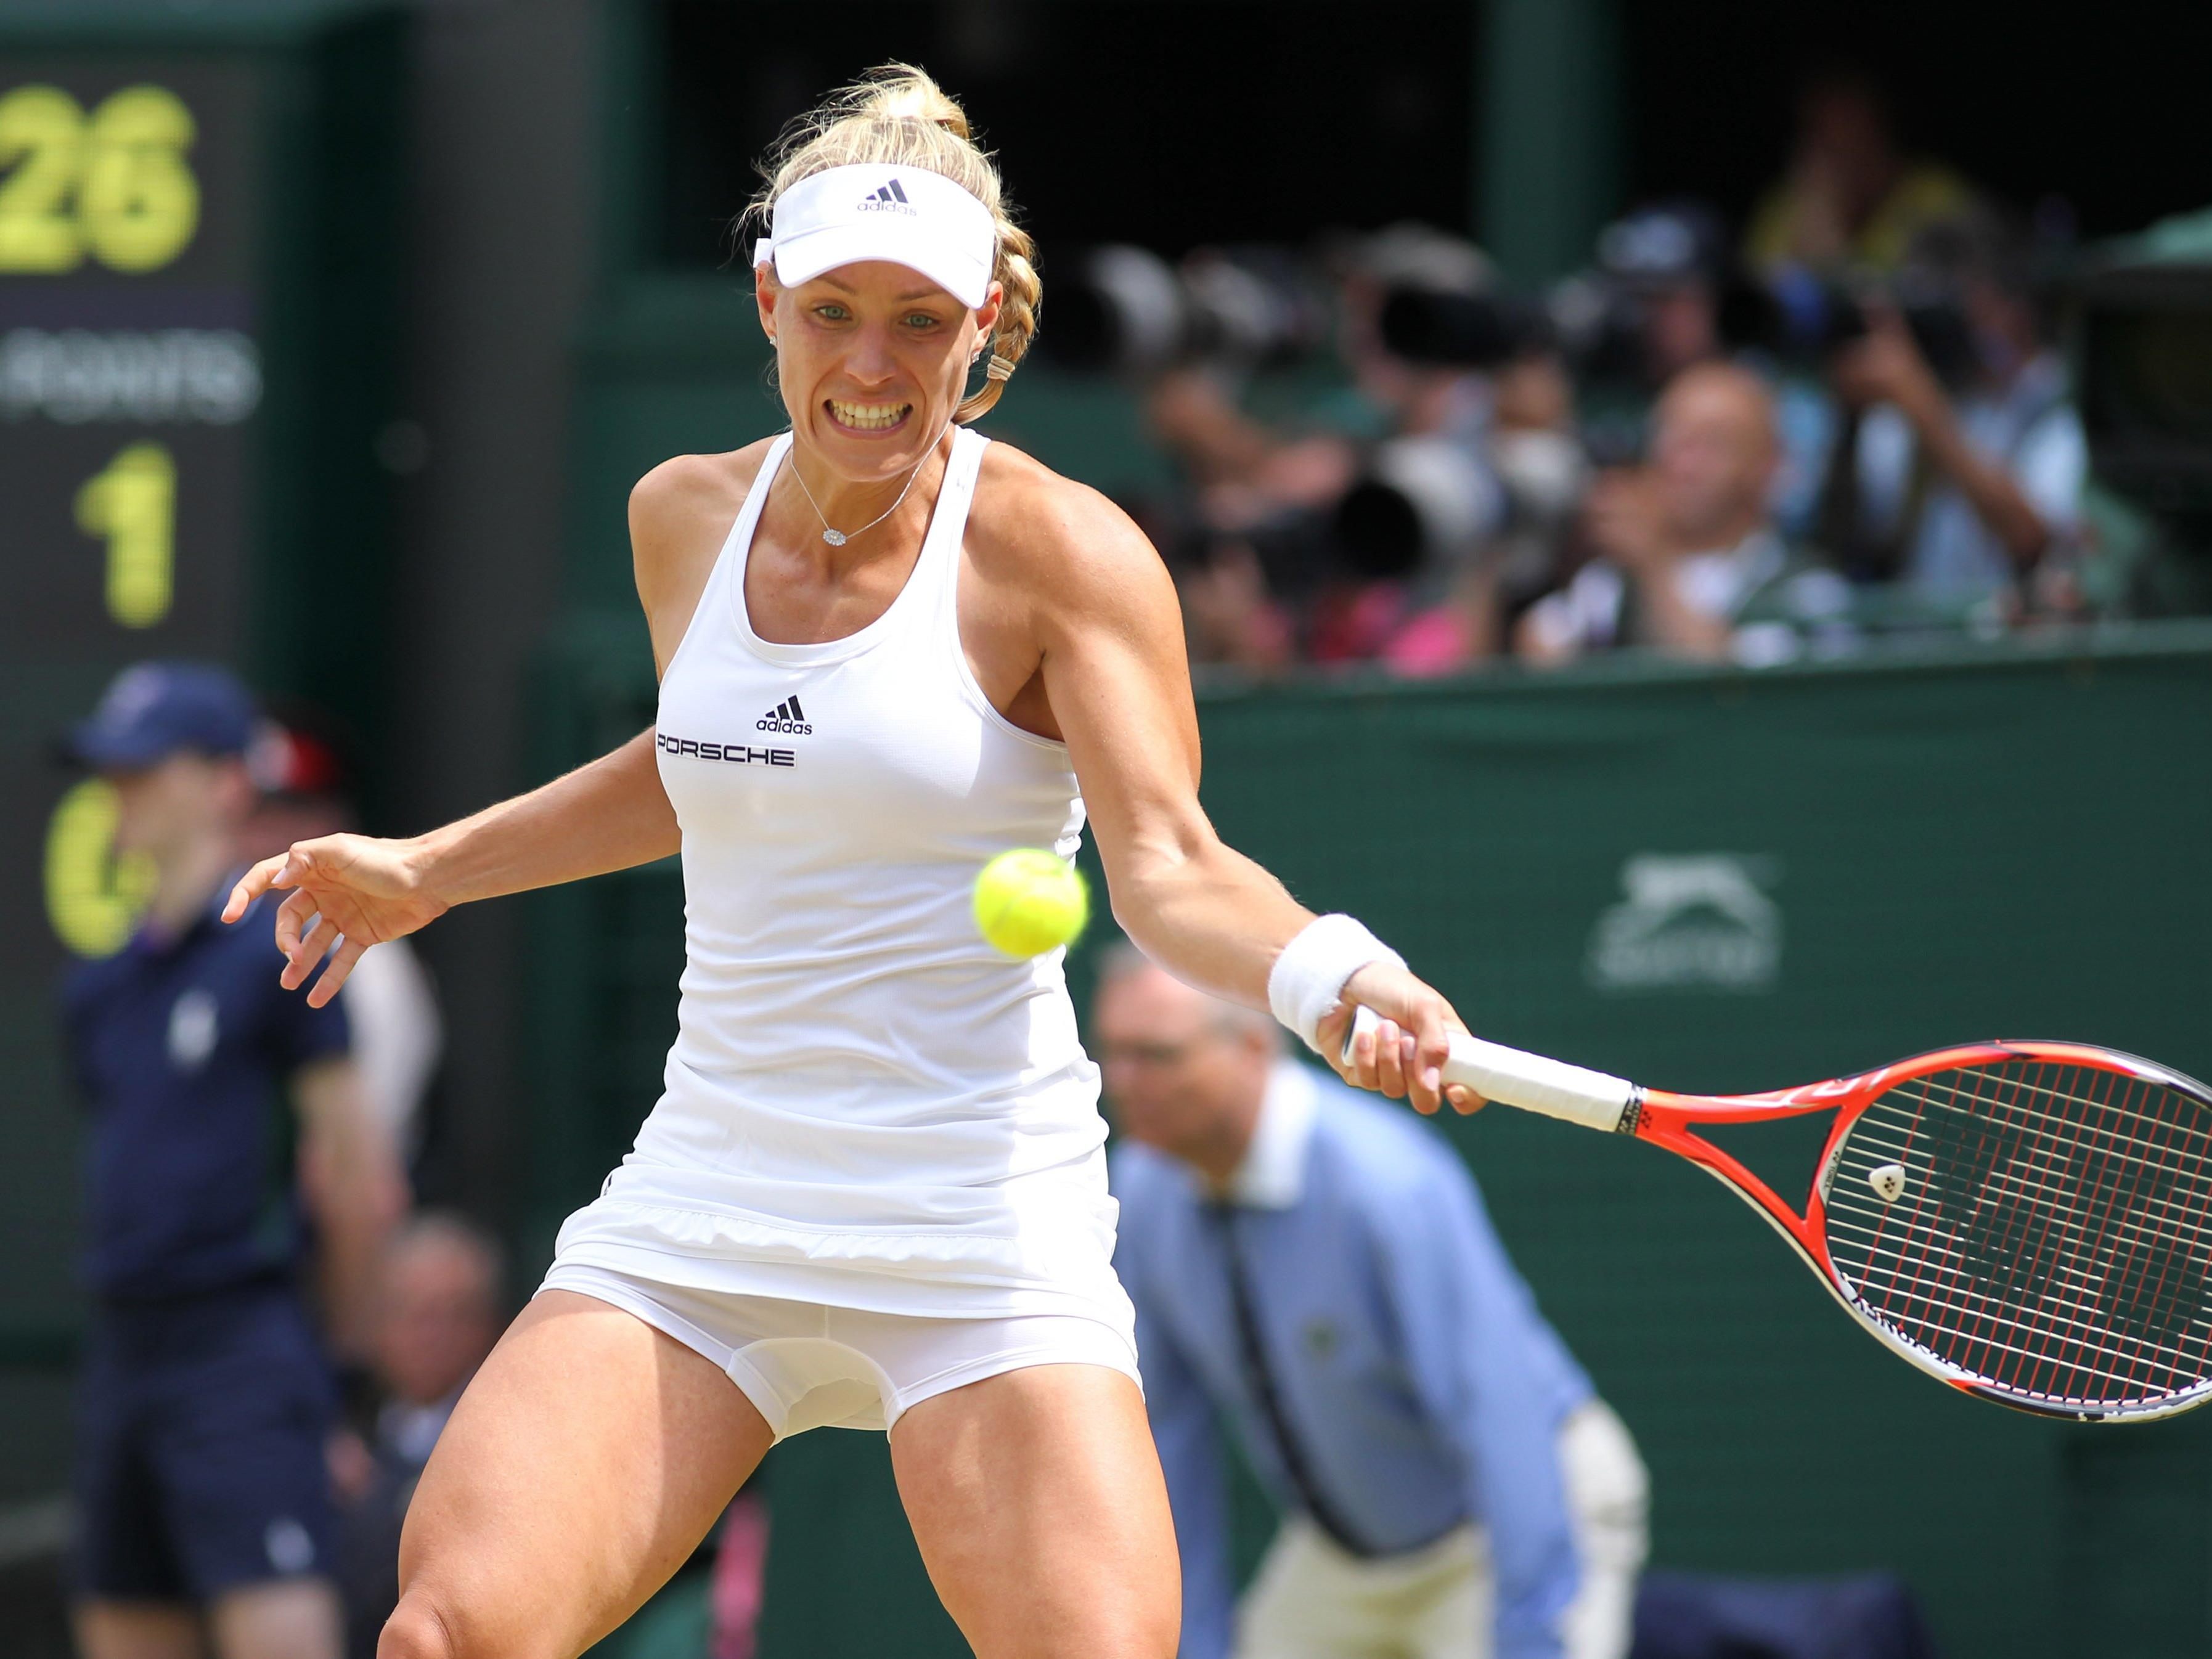 Kritik An Bertragung Zu Viele Schlpfer Bei Wimbledon